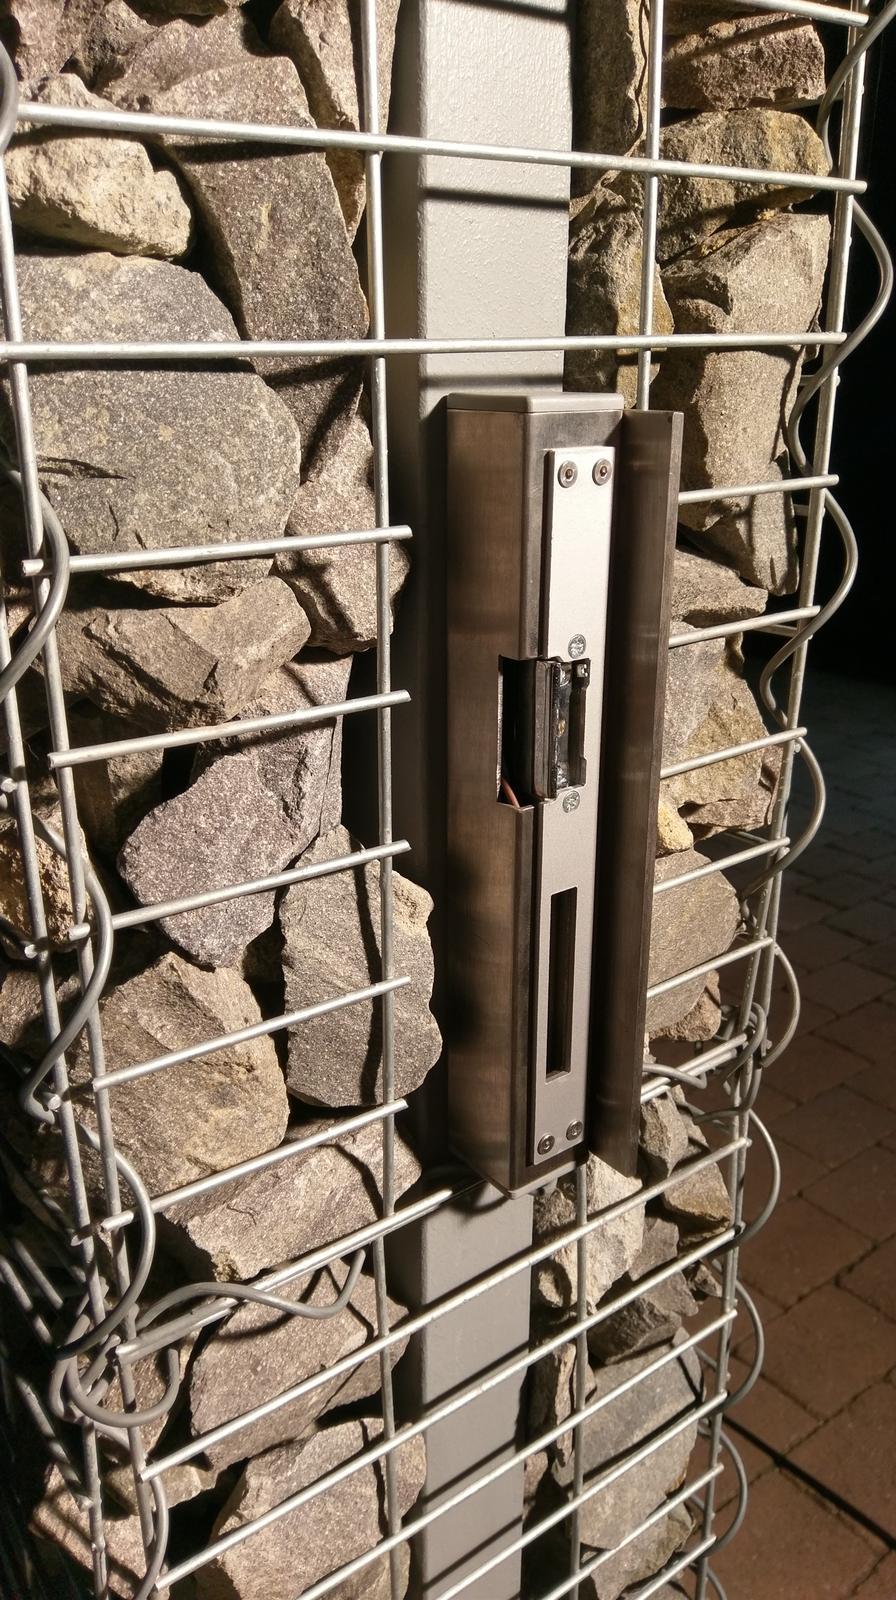 Plot - protikus zamky som vyrobil z 40x40 jakla a 60x5 tyce